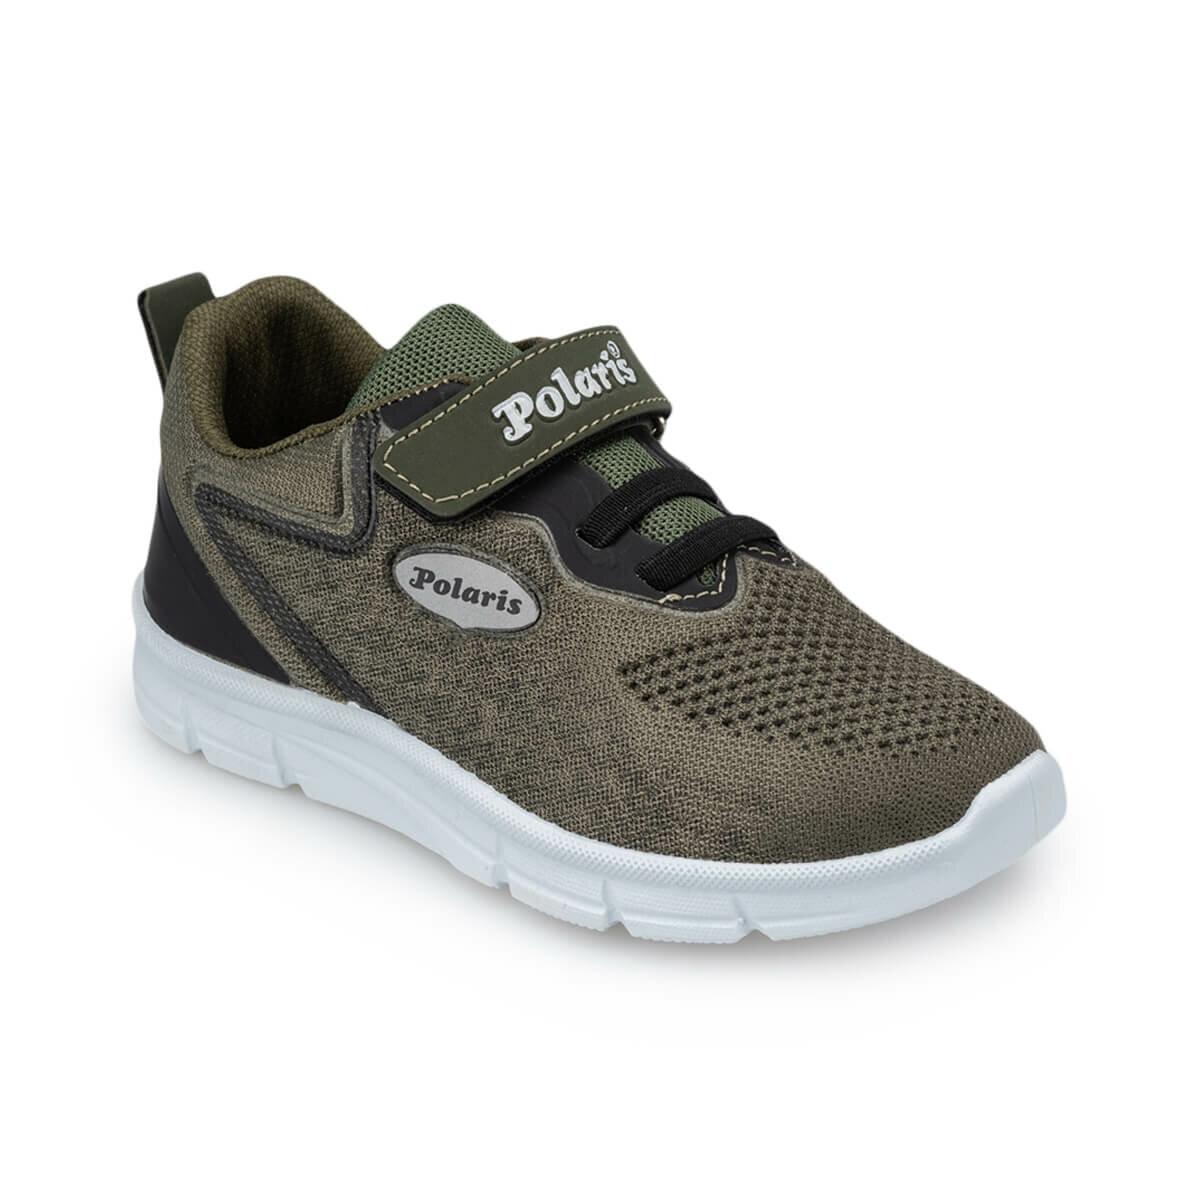 FLO 91.511206.P Khaki Male Child Sports Shoes Polaris